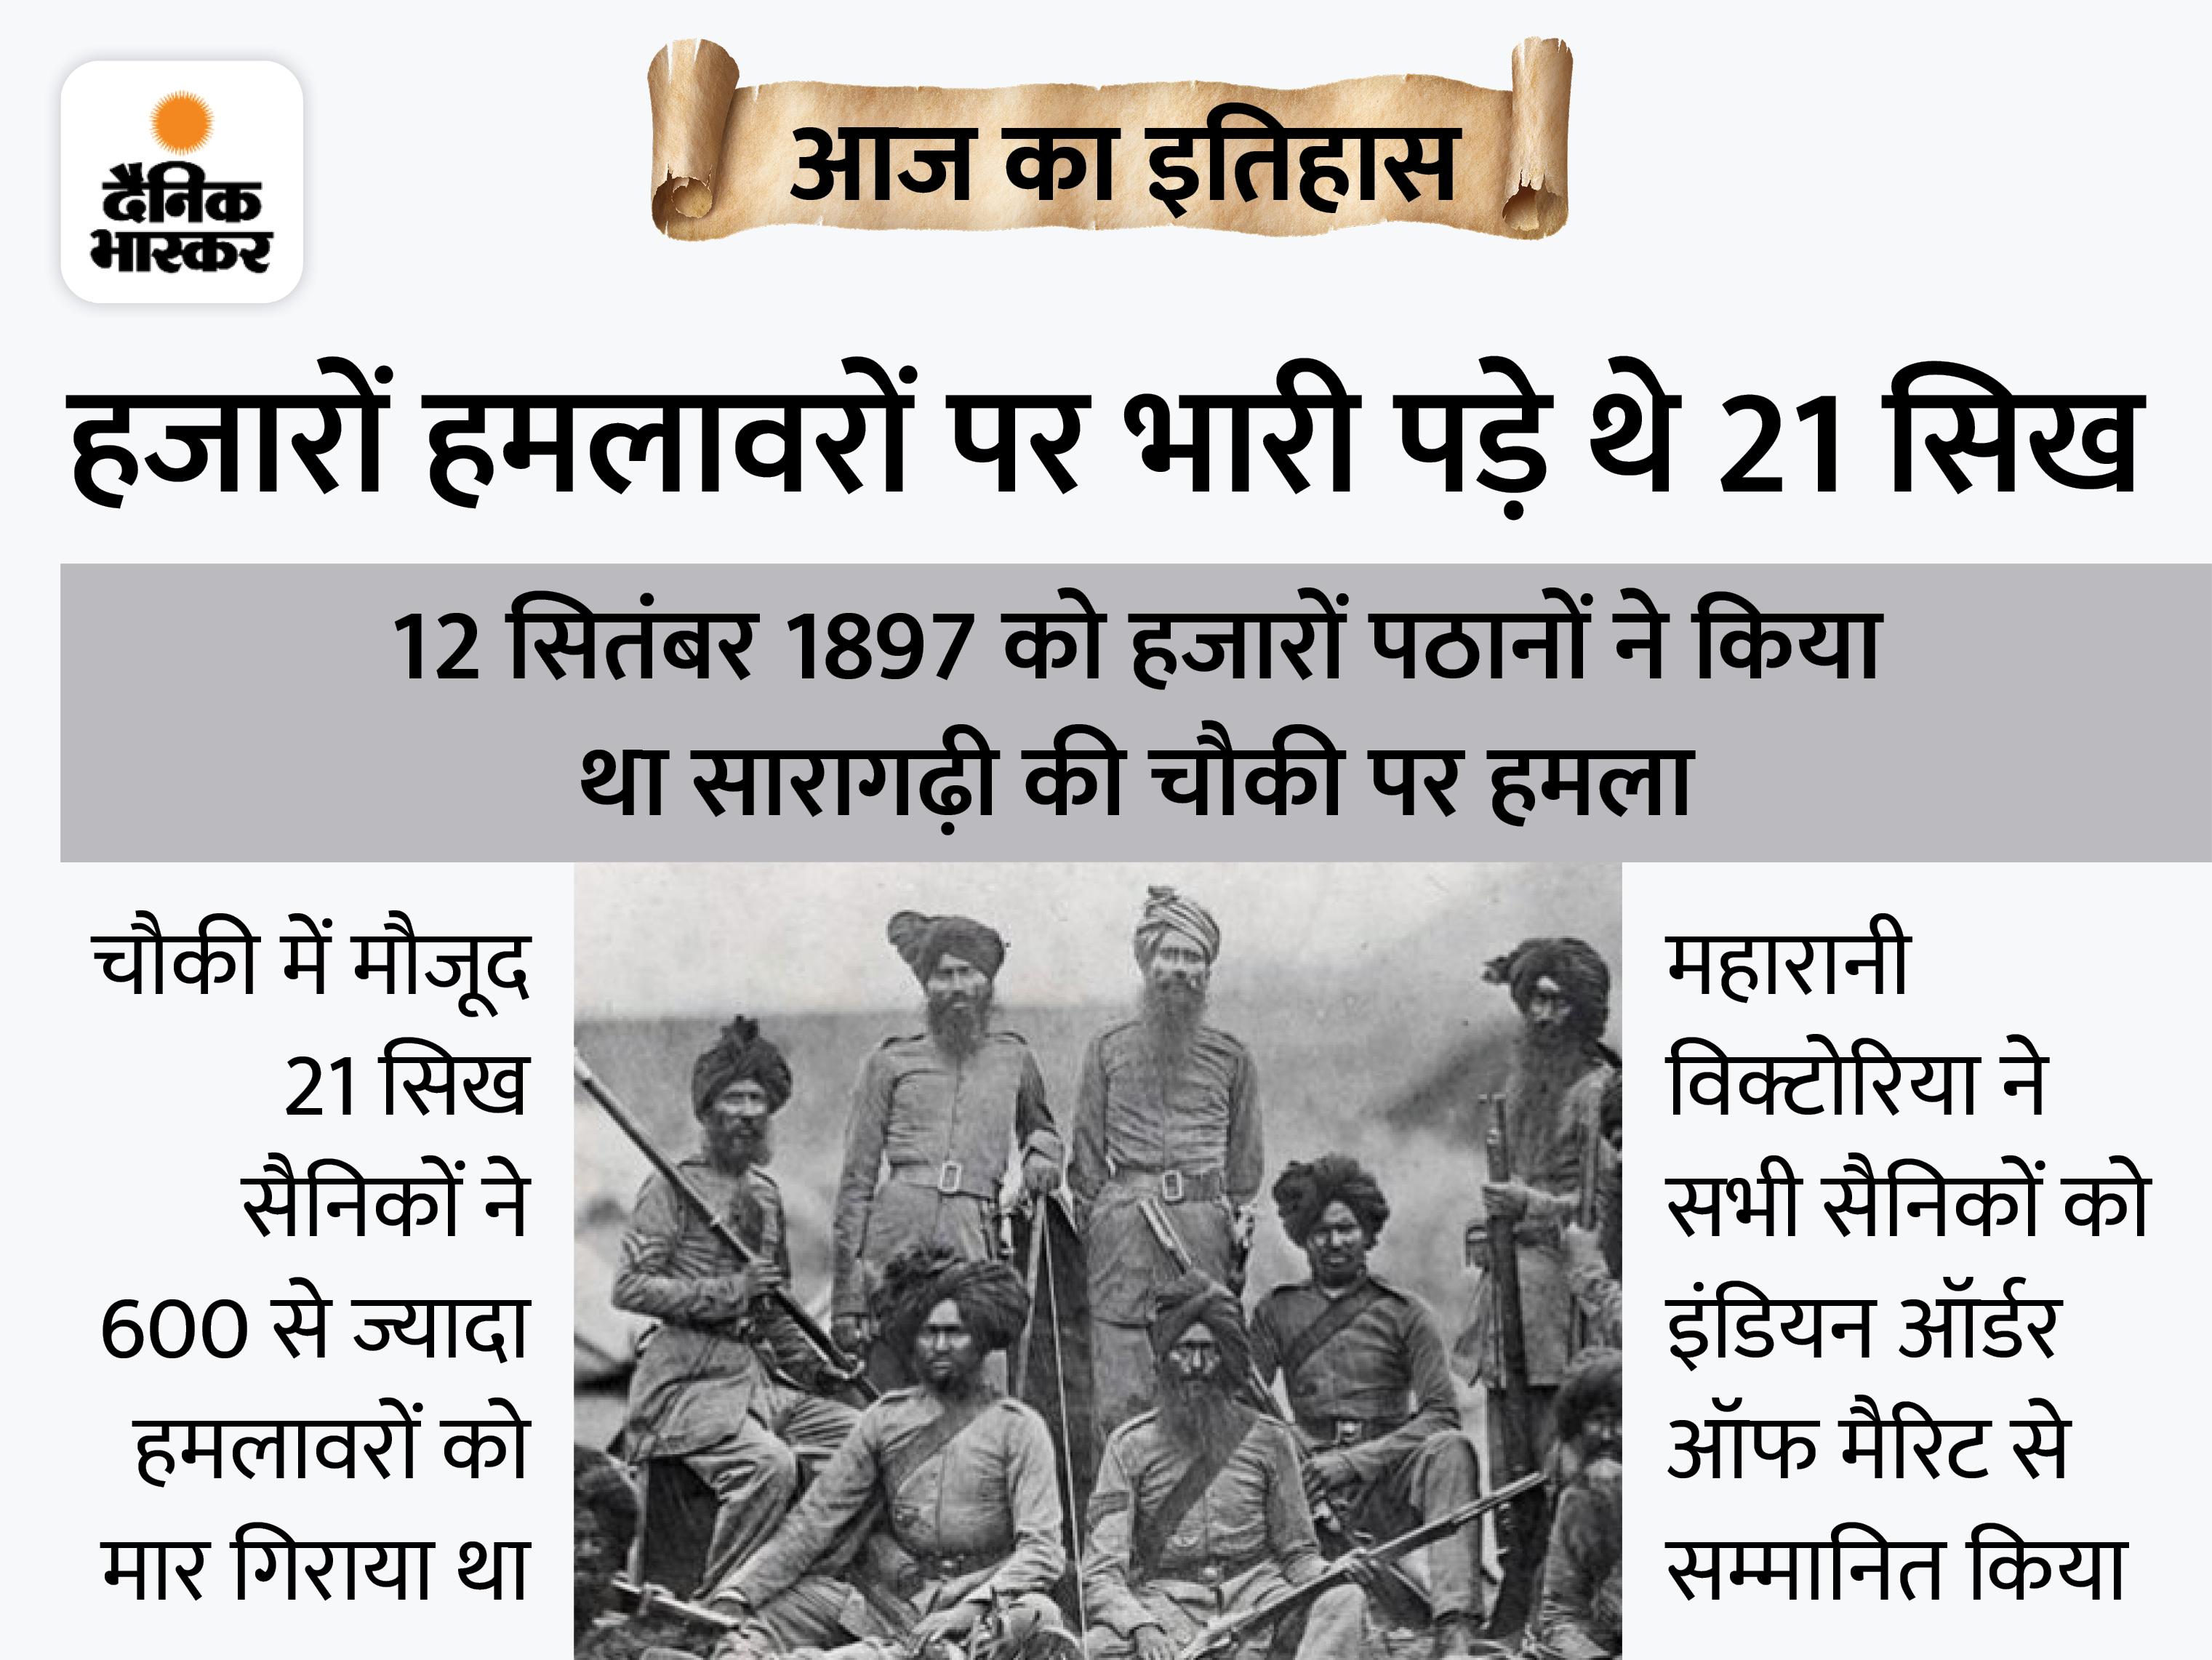 21 सिख सैनिकों ने 14 हजार पठानों से किया था मुकाबला, उनका पराक्रम देख ब्रिटिश संसद ने कहा - पूरे ब्रिटेन और भारत को आप पर गर्व है|देश,National - Dainik Bhaskar